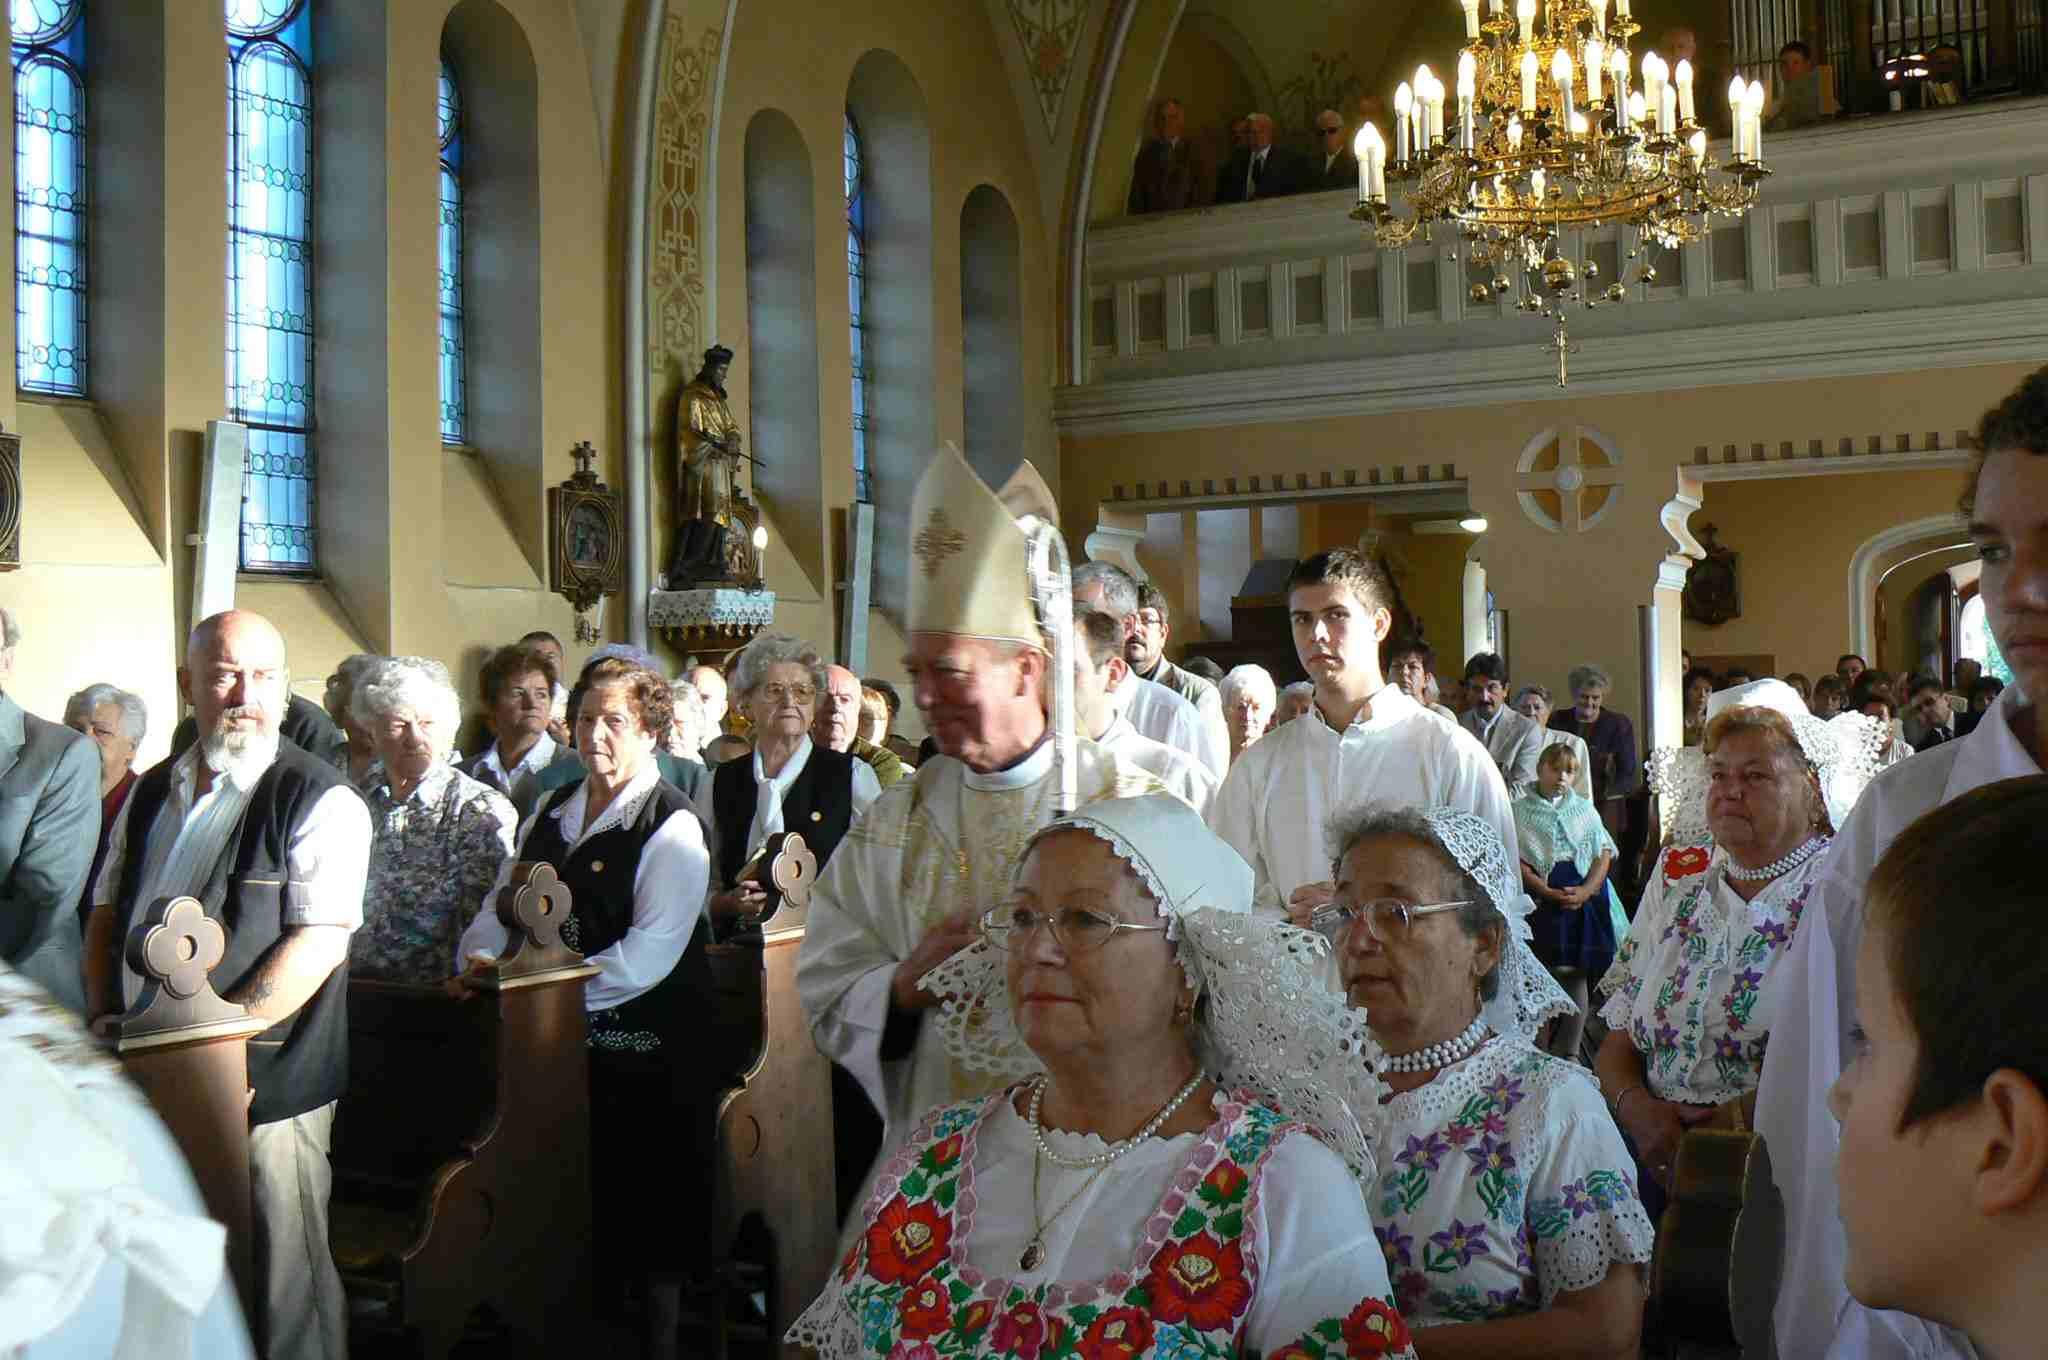 Ünnepélyes püspöki szentmise kezdete